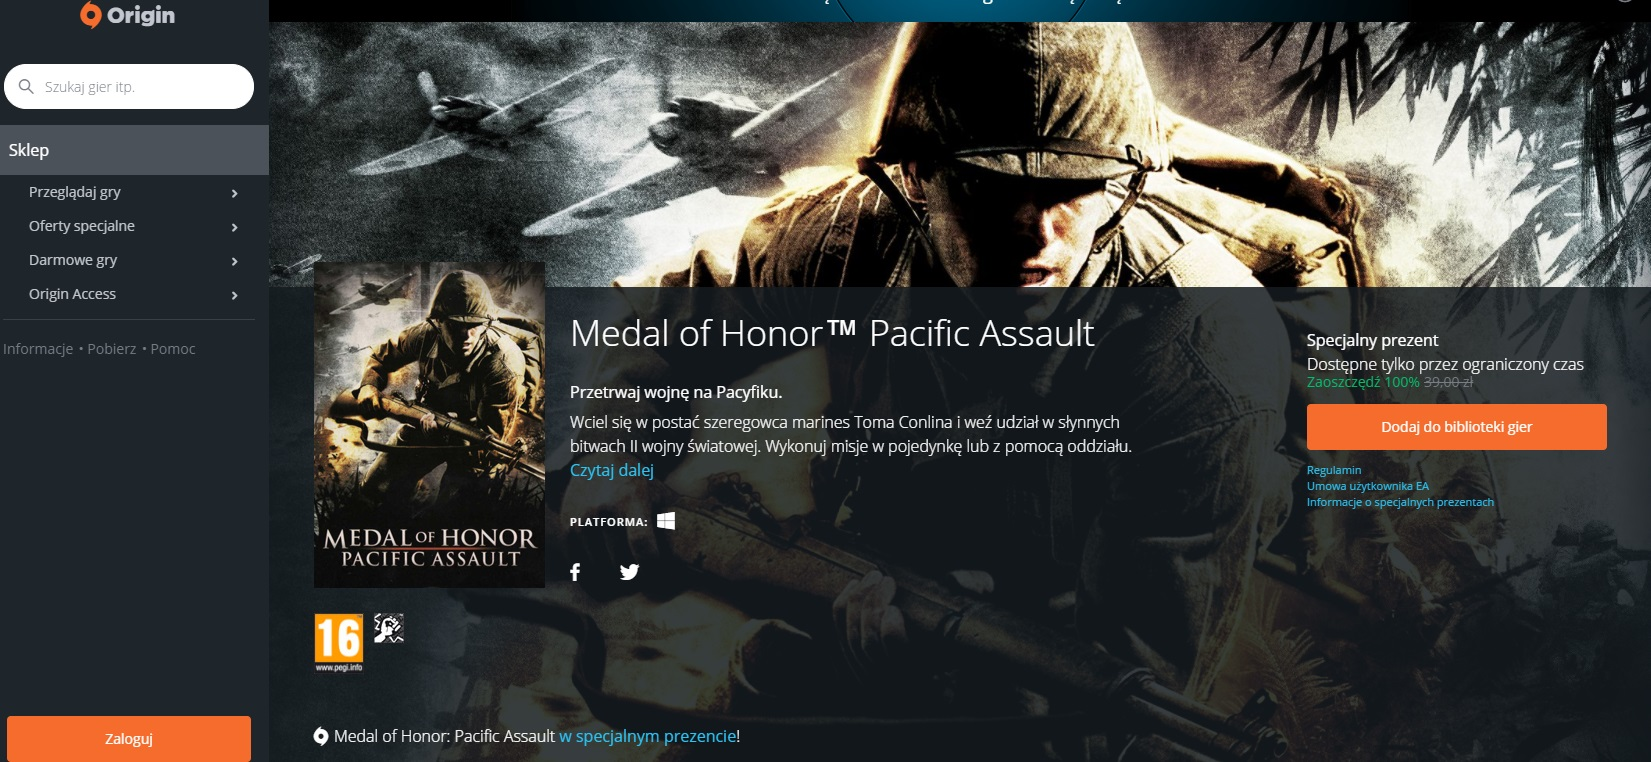 Medal of Honor: Pacific Assault za darmo do pobrania pełna wersja gry